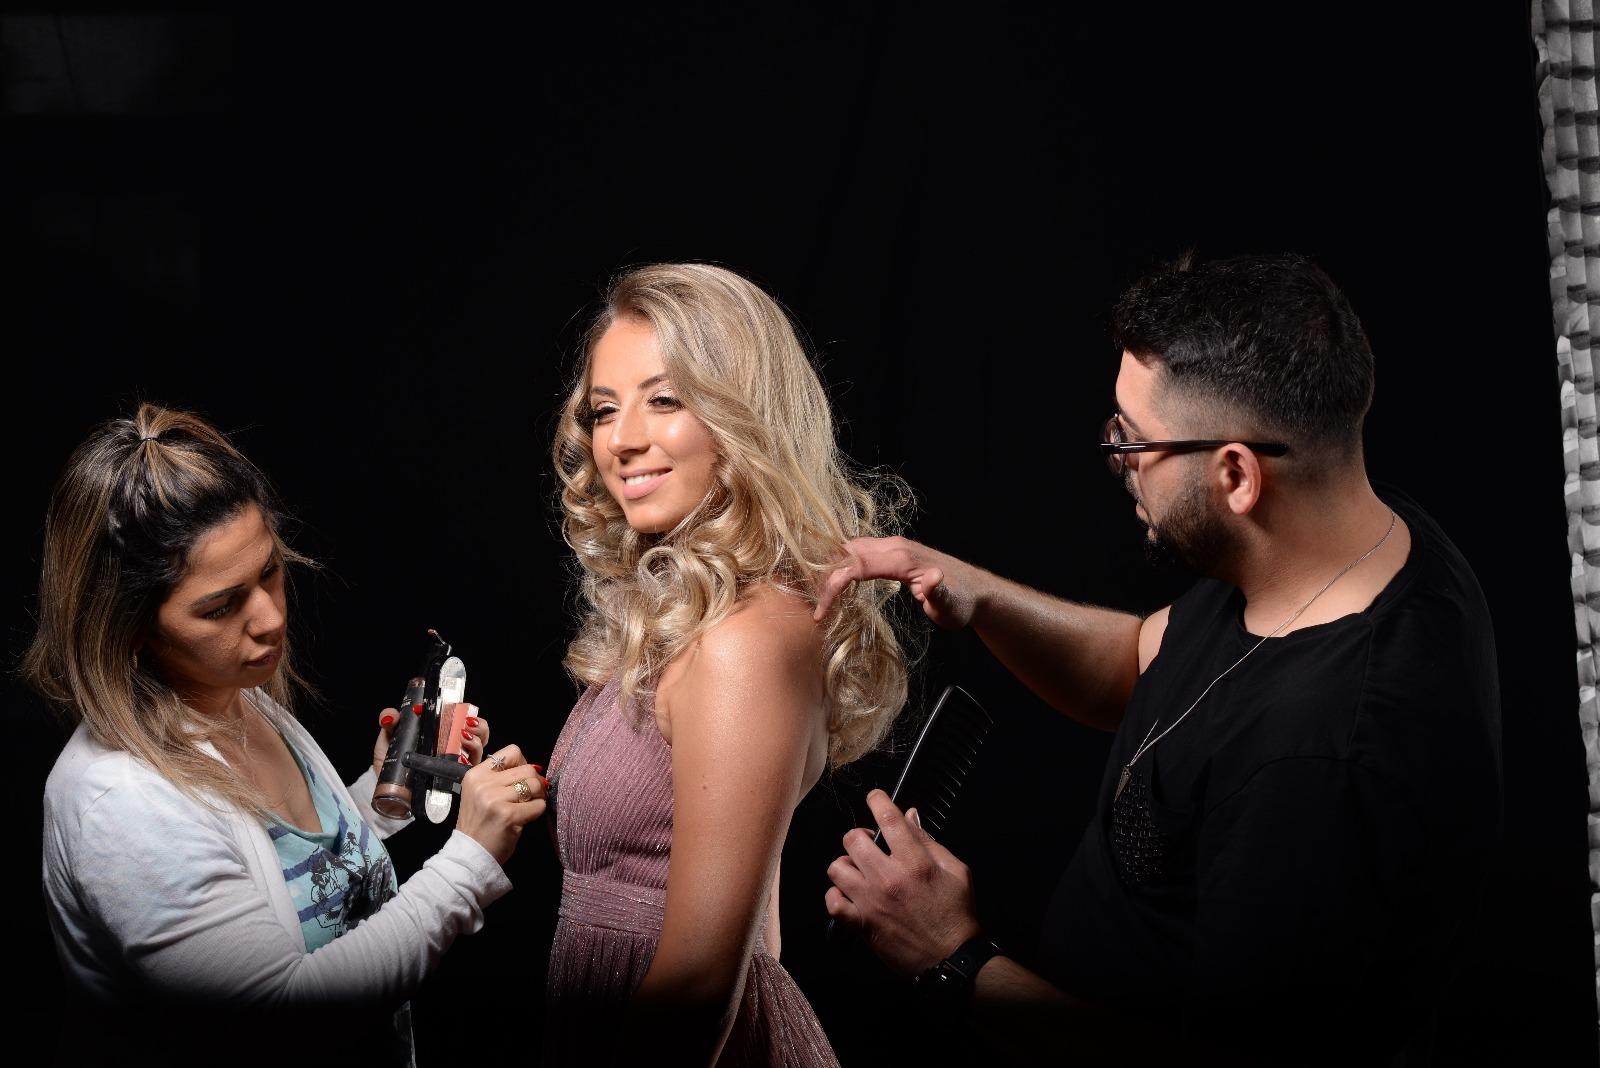 הילה מנטל הפקת שיער מקצועית בקצרין